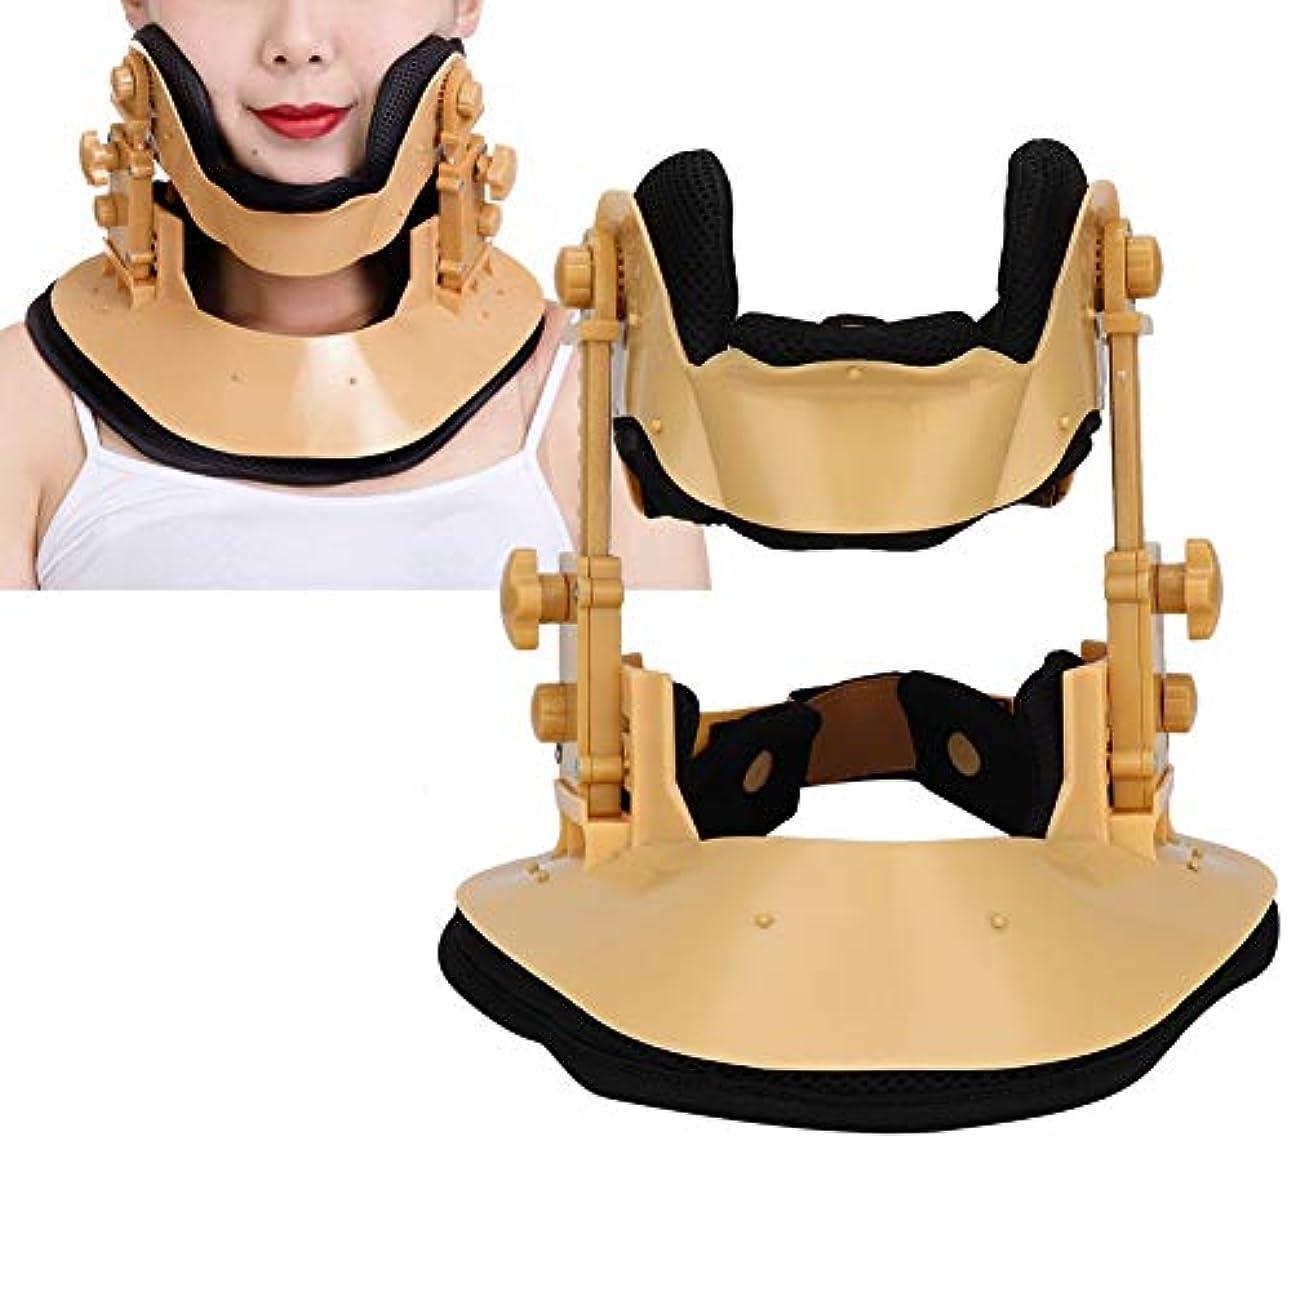 バイパス引き出すブロッサム頸部牽引装置、調整可能な首の痛みを軽減する襟、固定された首のケア回復ツール、首の回復装置